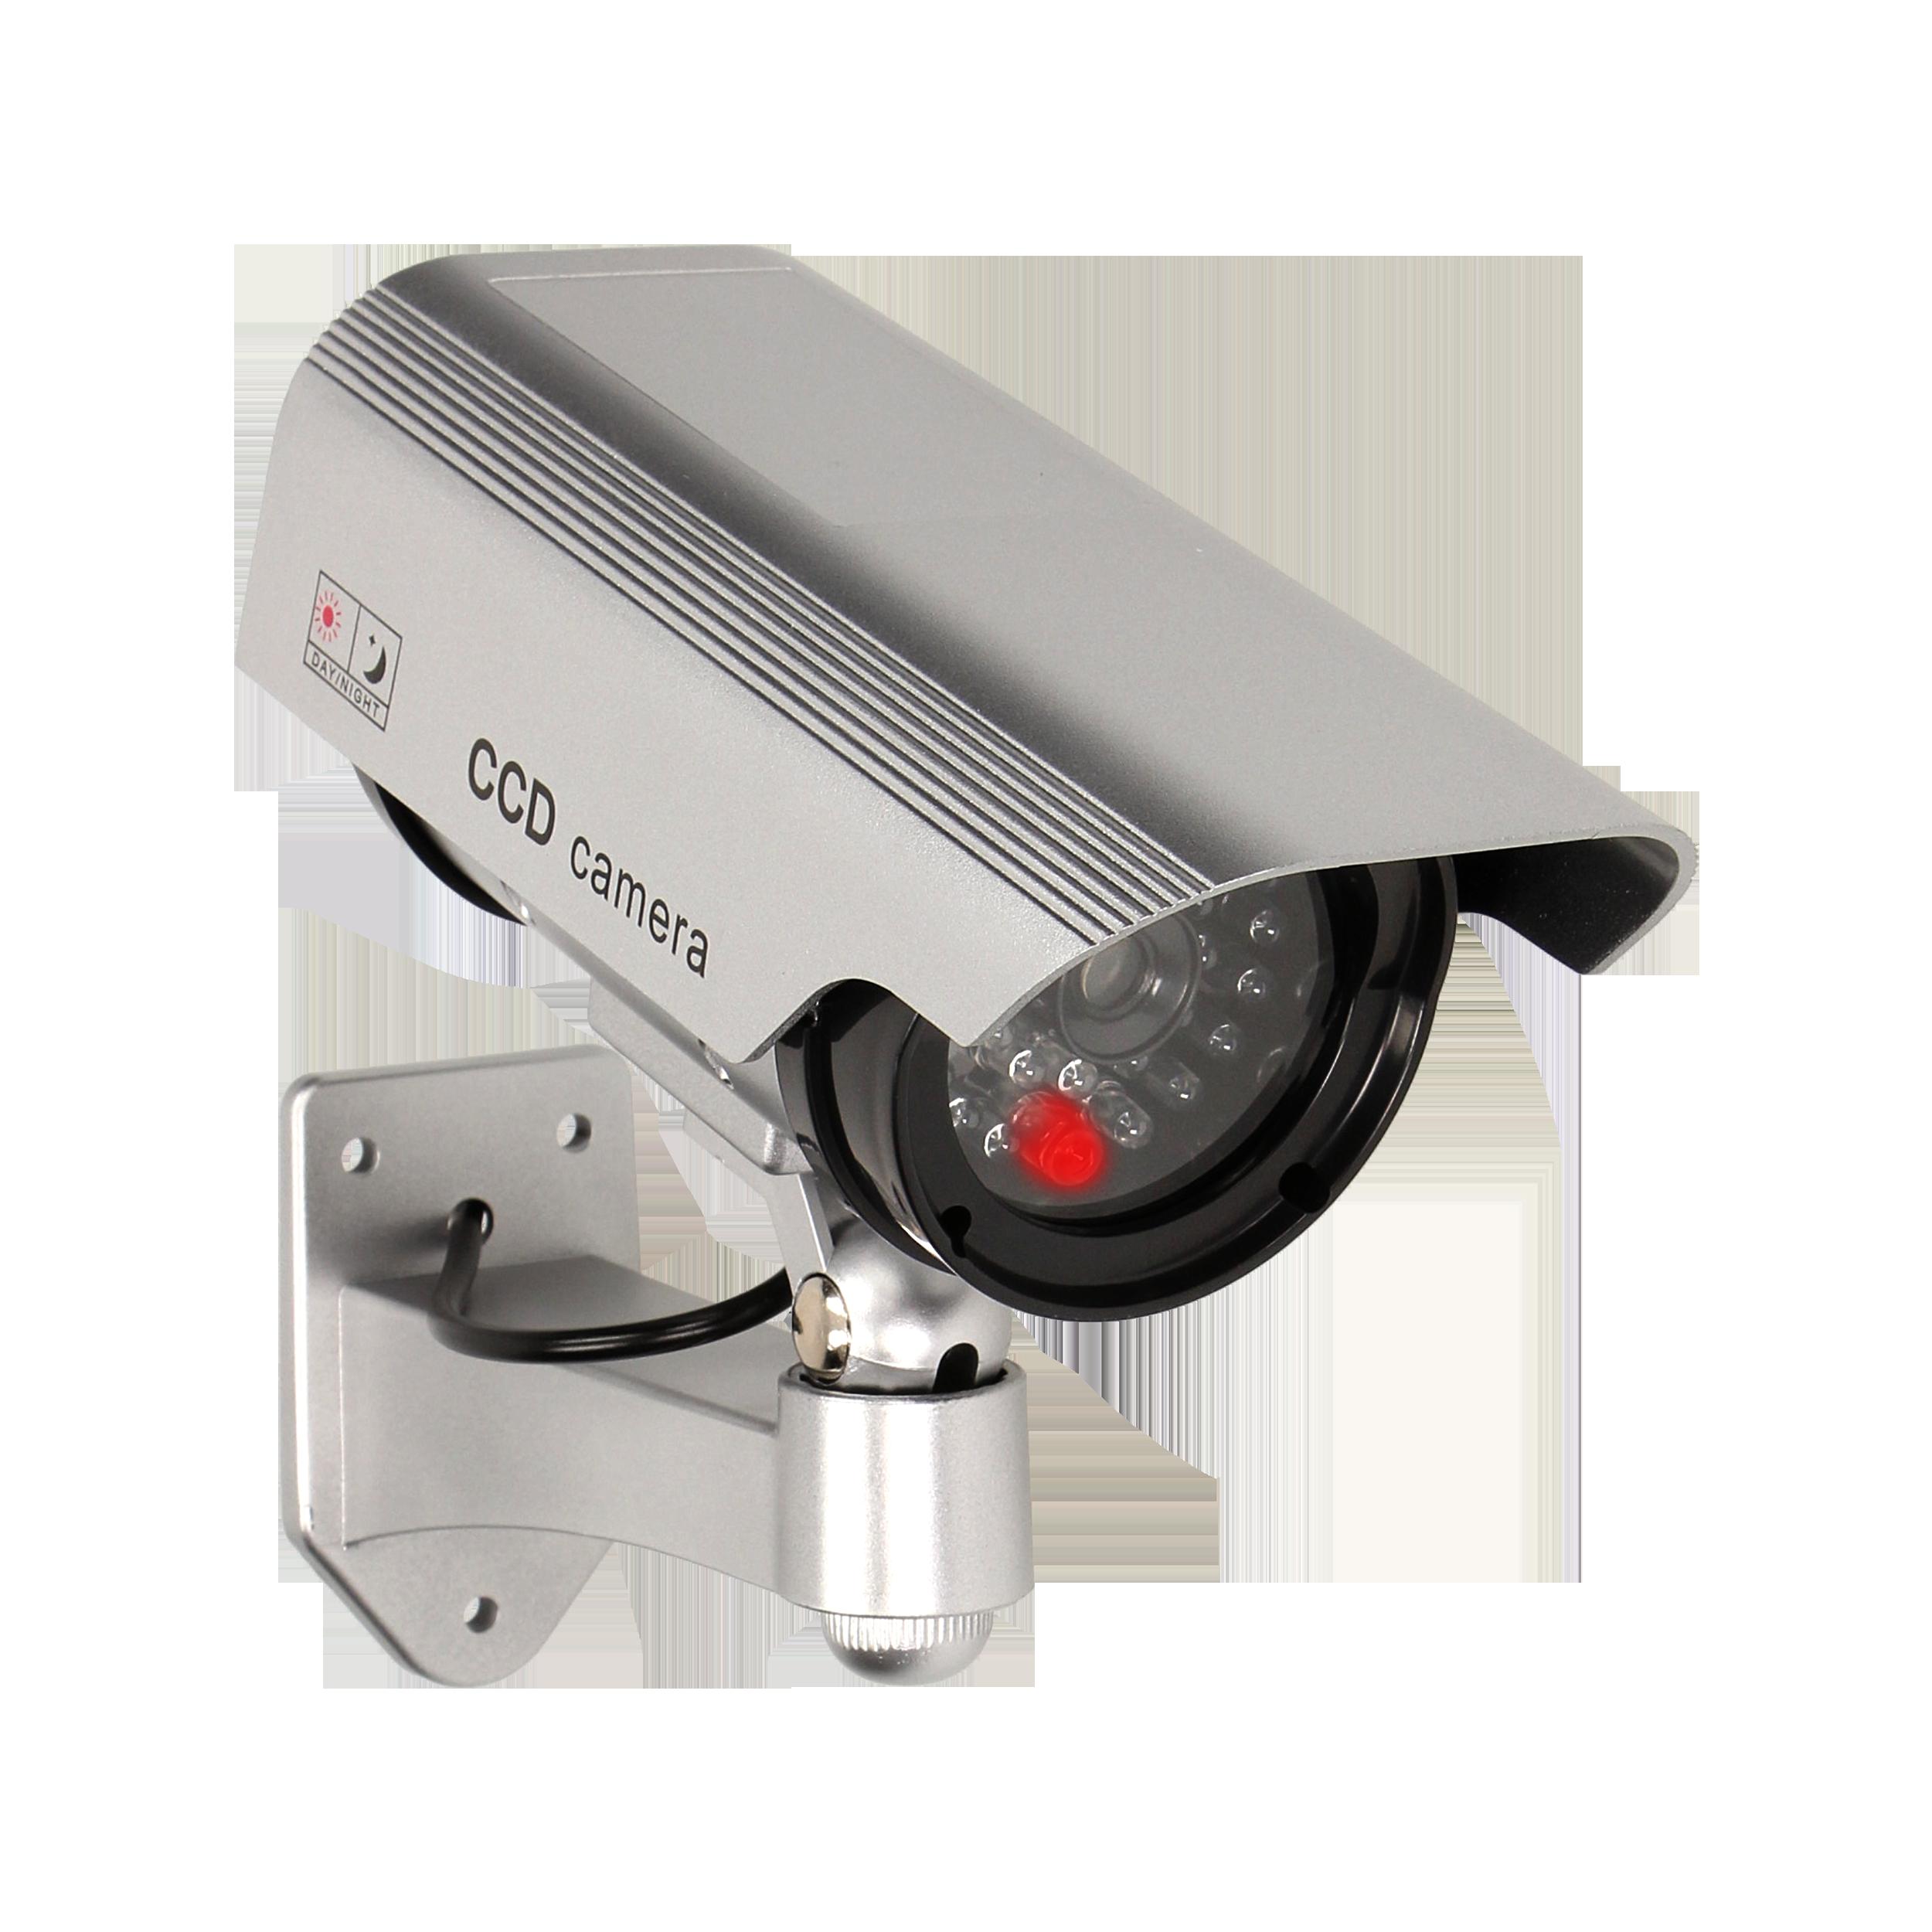 Atrapa kamery monitorującej CCTV, bateryjna, srebrna